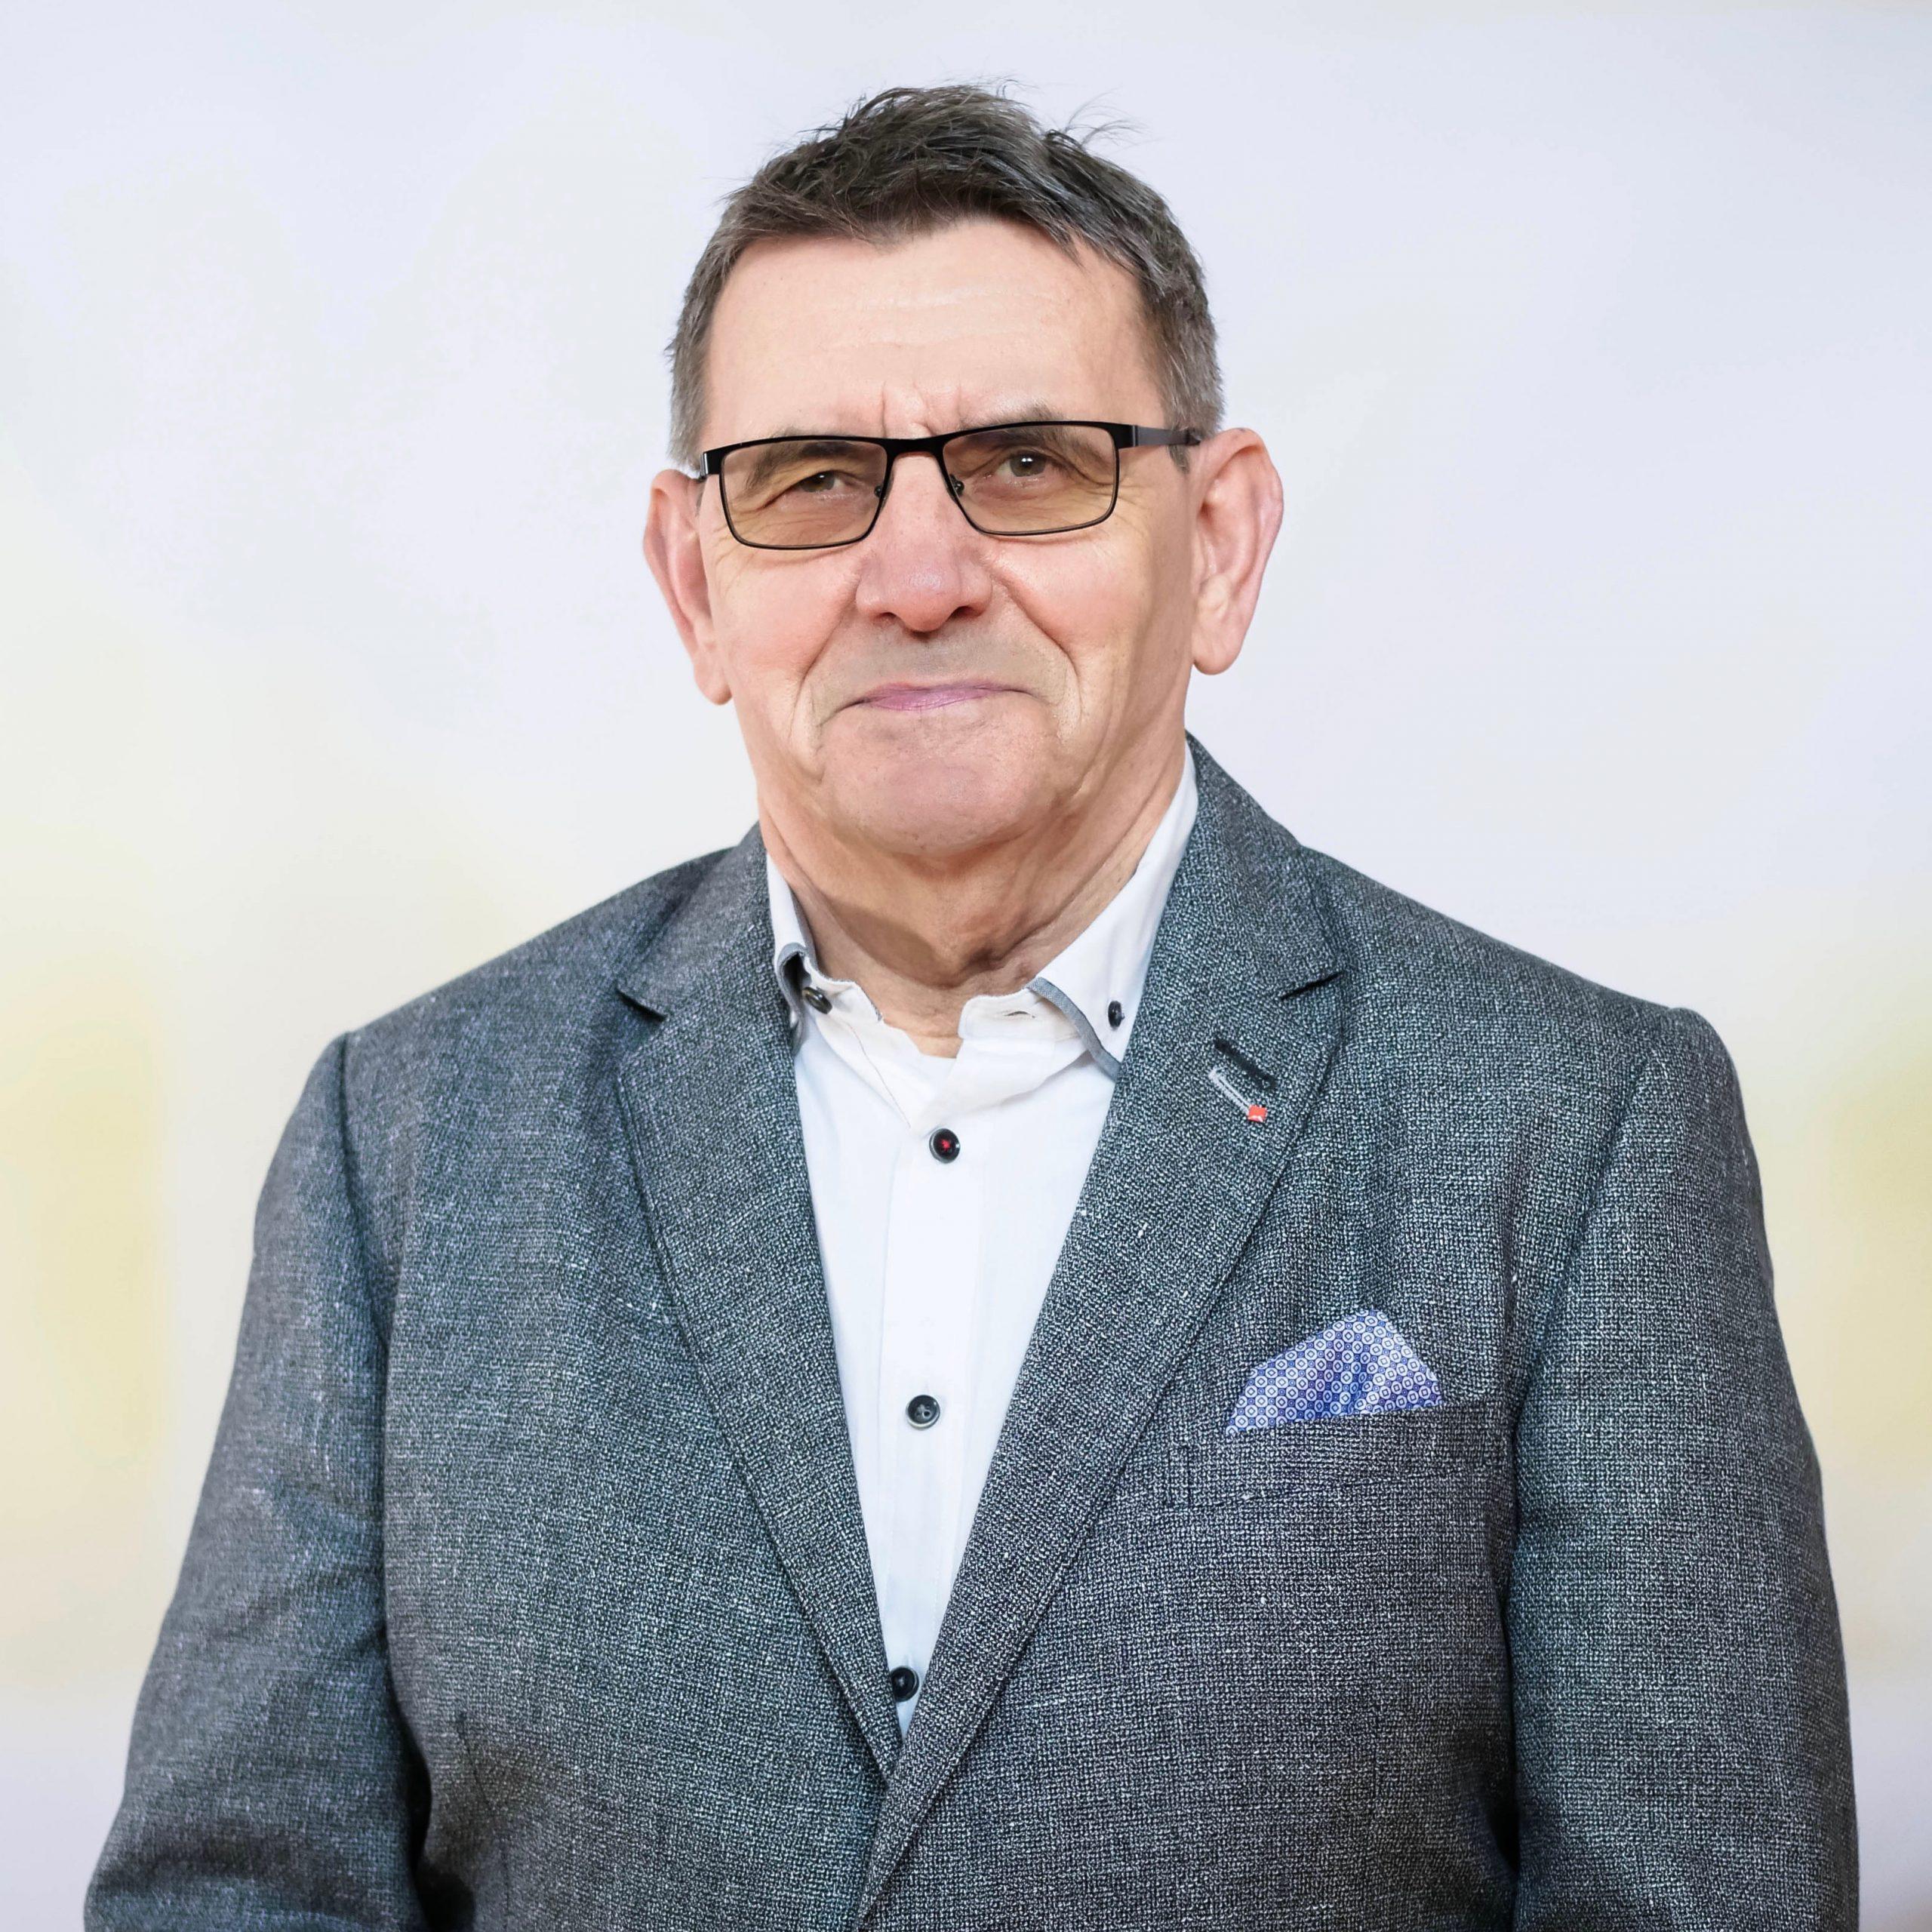 Jan Kolloczek